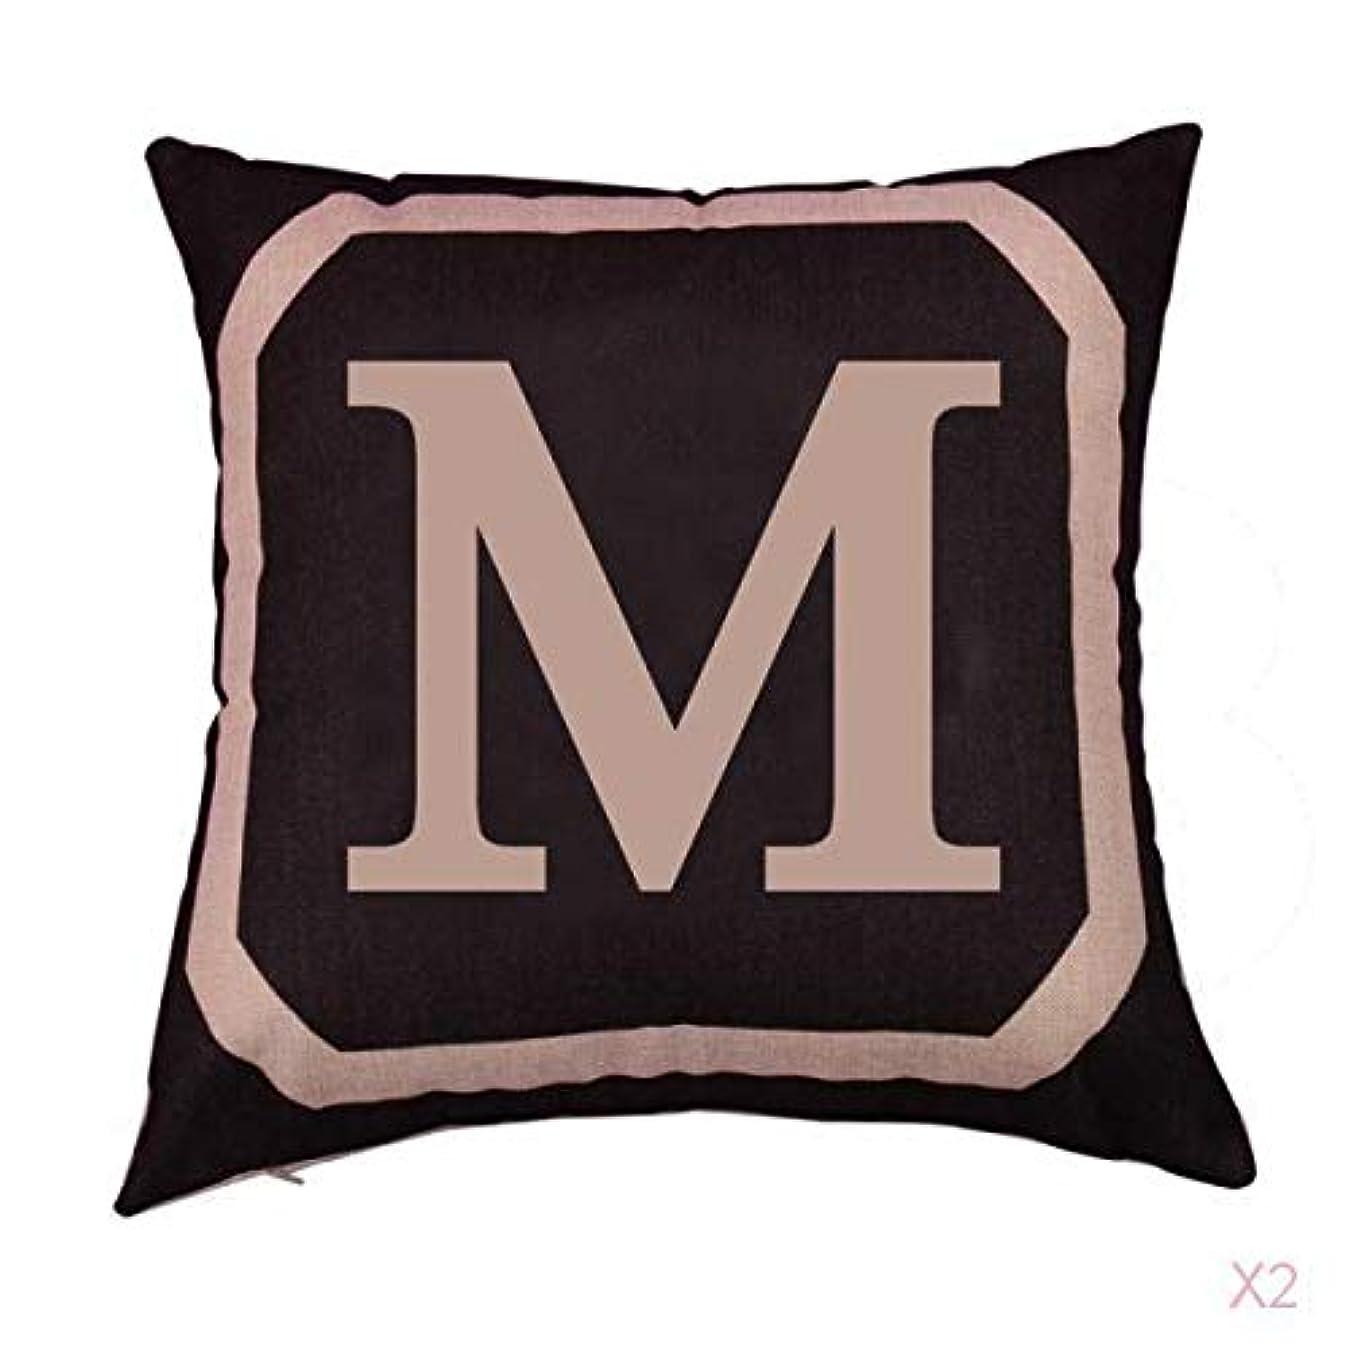 刺繍どのくらいの頻度で周辺正方形の綿のリネンスローピローケース腰クッションカバーベッドソファインテリアメートル